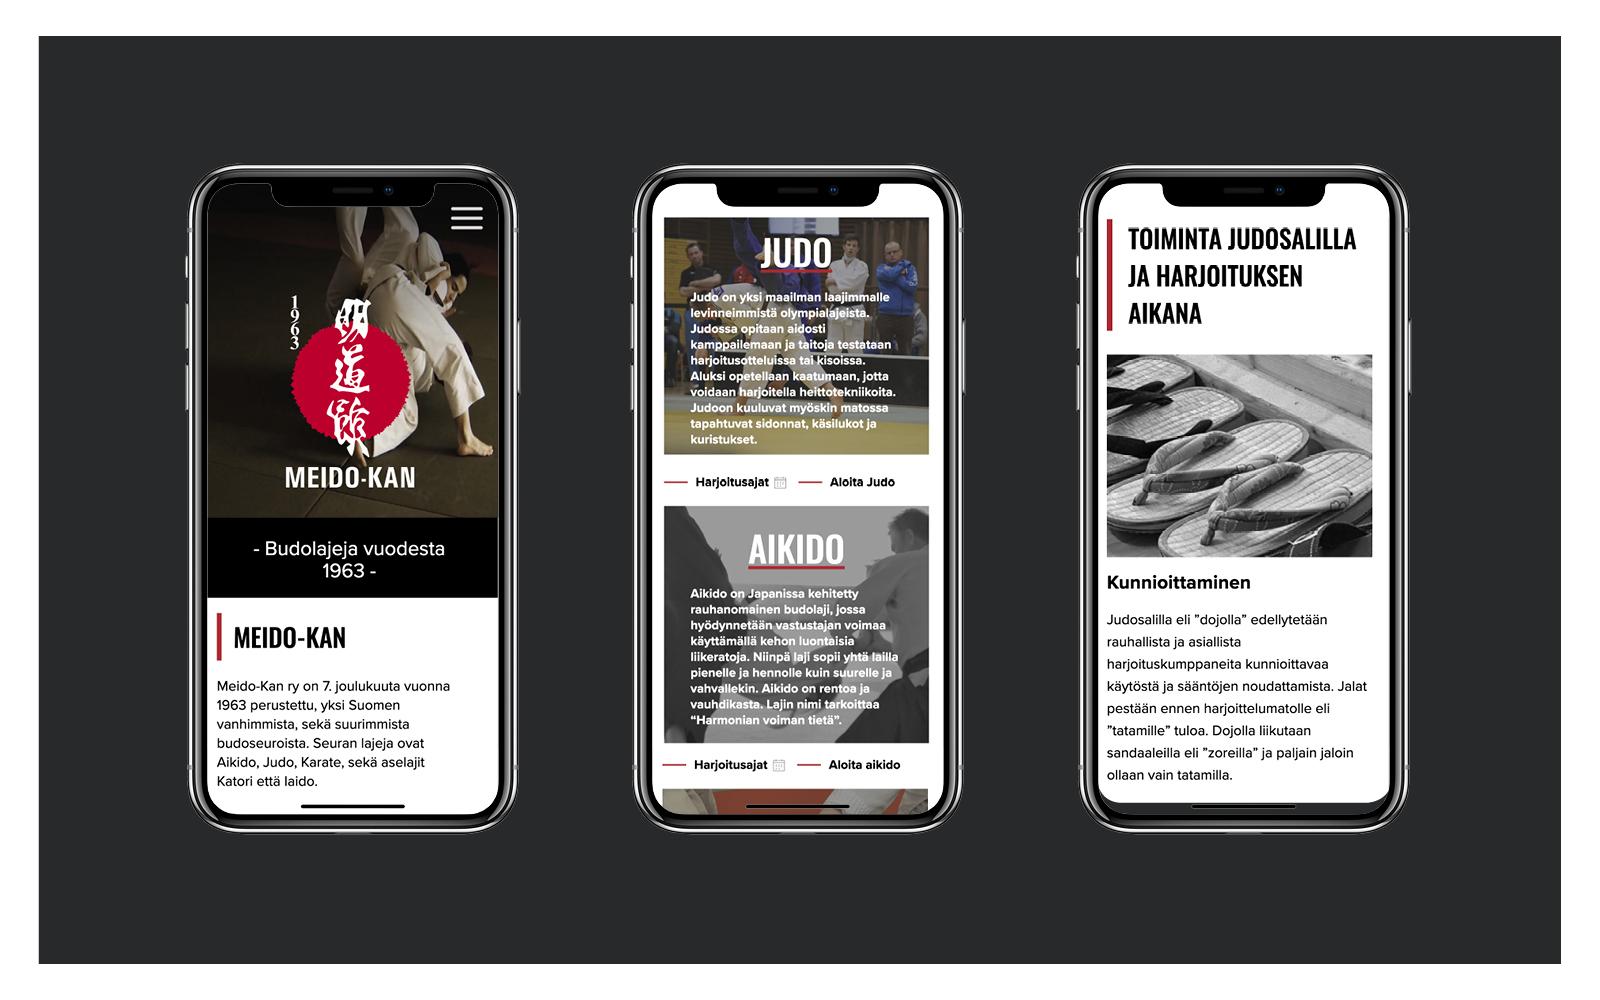 Meido-kan iphone näkymiä